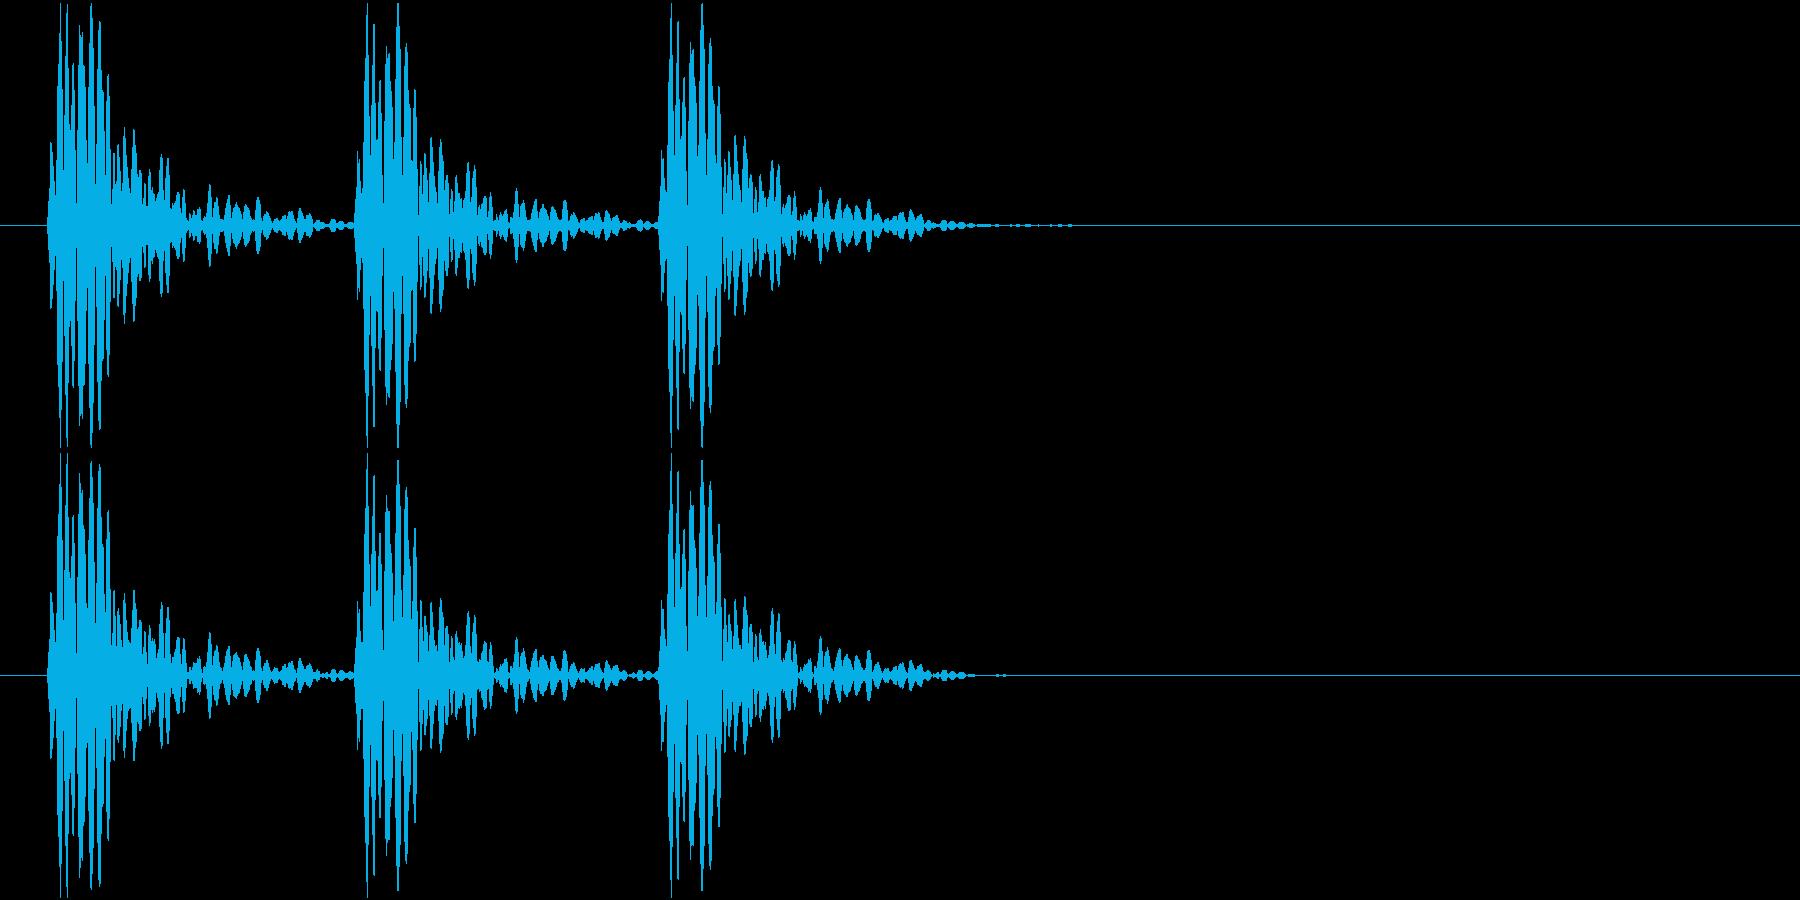 ドンドンドン(ノック音、叩く、早い)の再生済みの波形